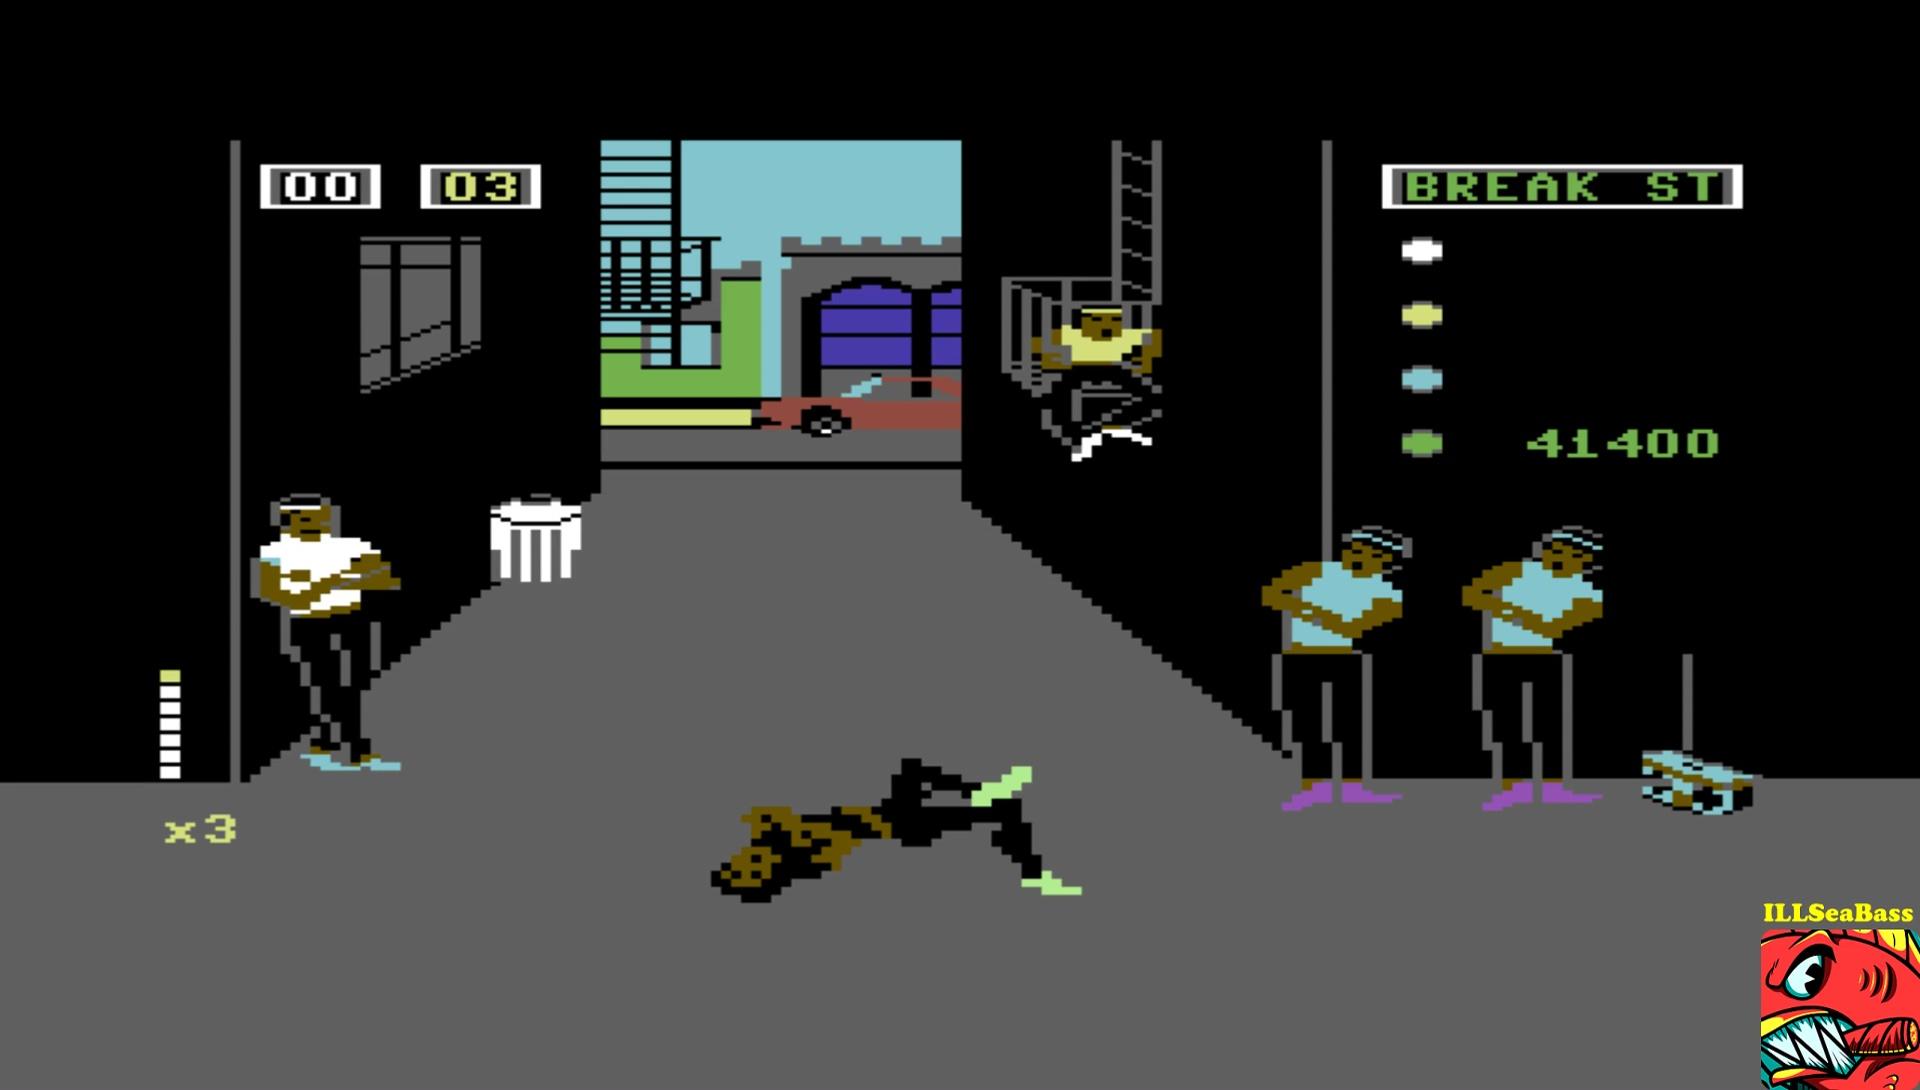 ILLSeaBass: Break Street (Commodore 64 Emulated) 41,400 points on 2017-05-19 18:54:01